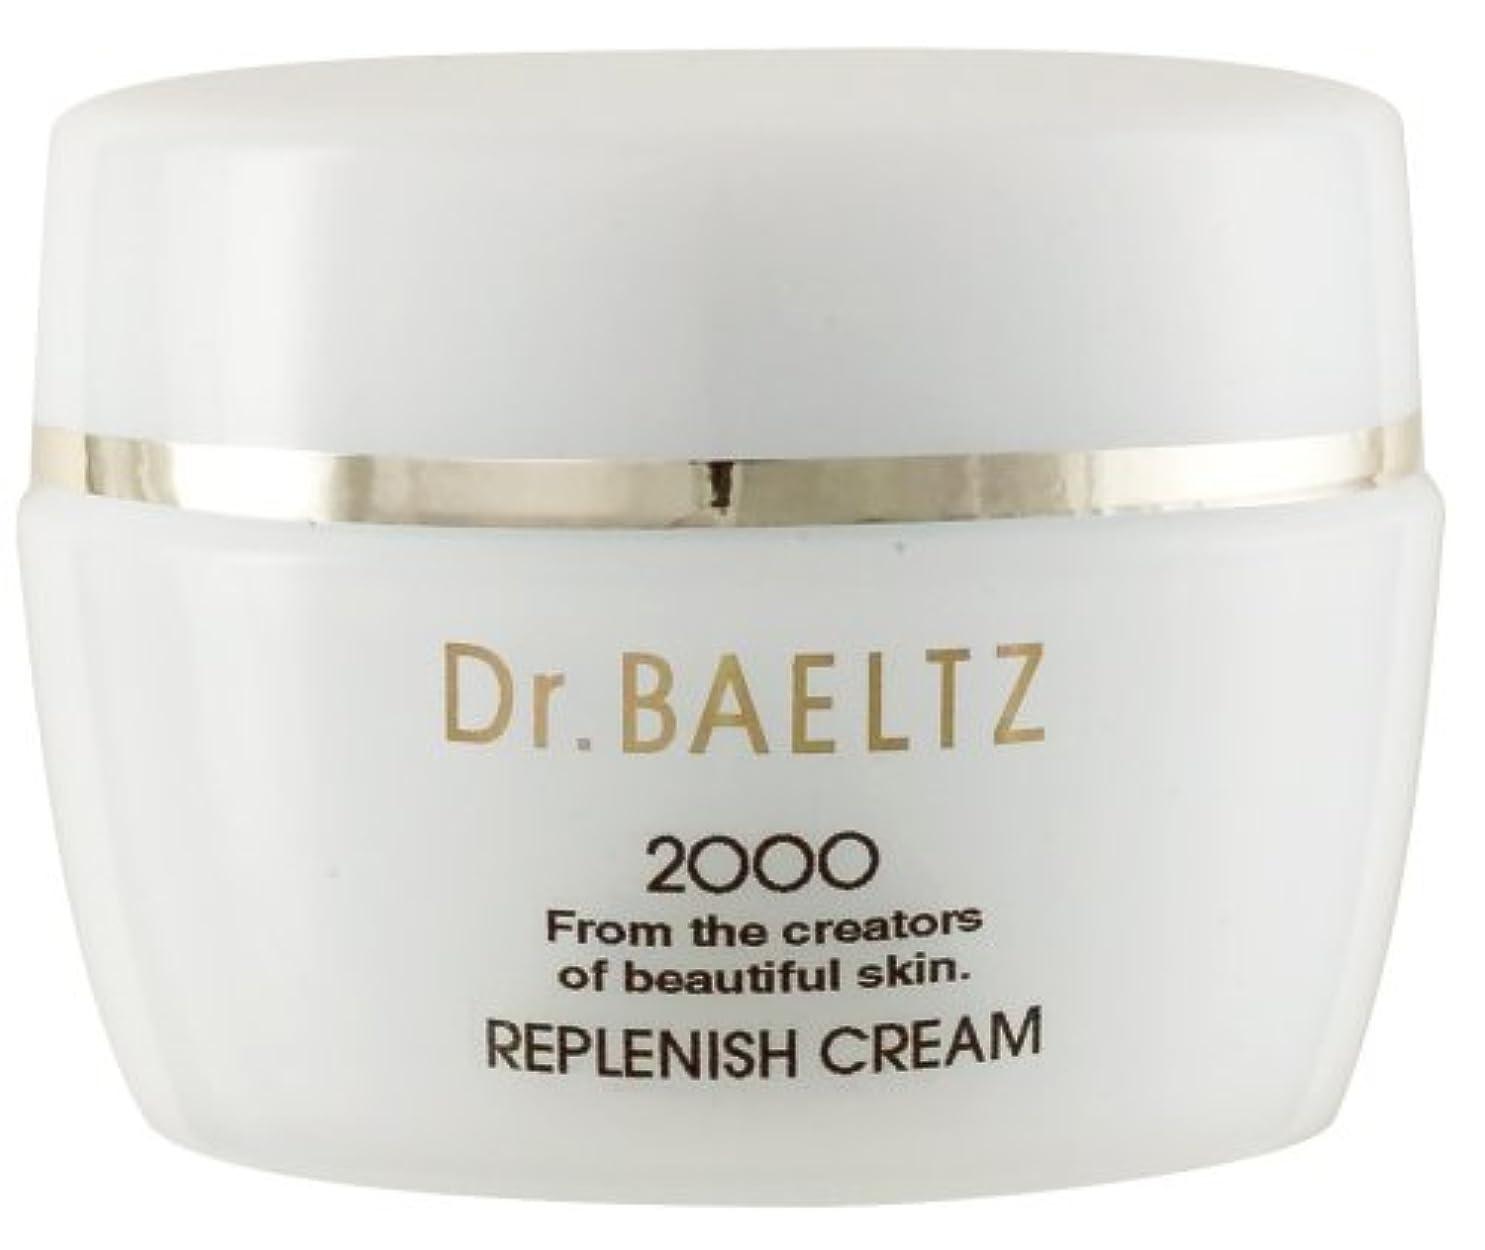 検索エンジンマーケティング位置するにもかかわらずドクターベルツ(Dr.BAELTZ) リプレニッシュクリーム 40g(保湿クリーム)